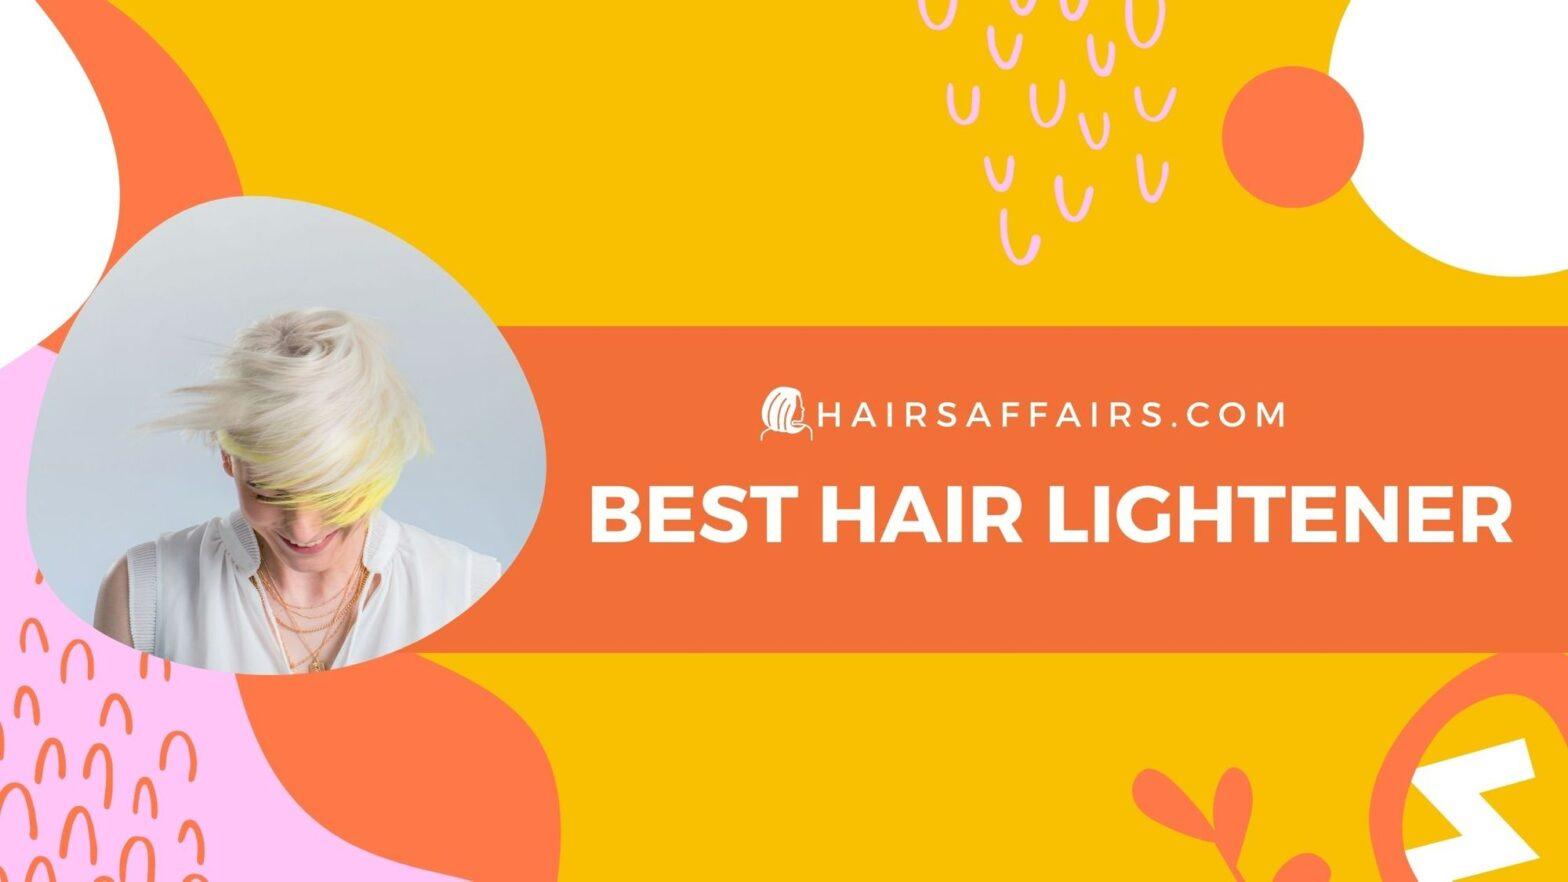 HA-Best-hair-lightener